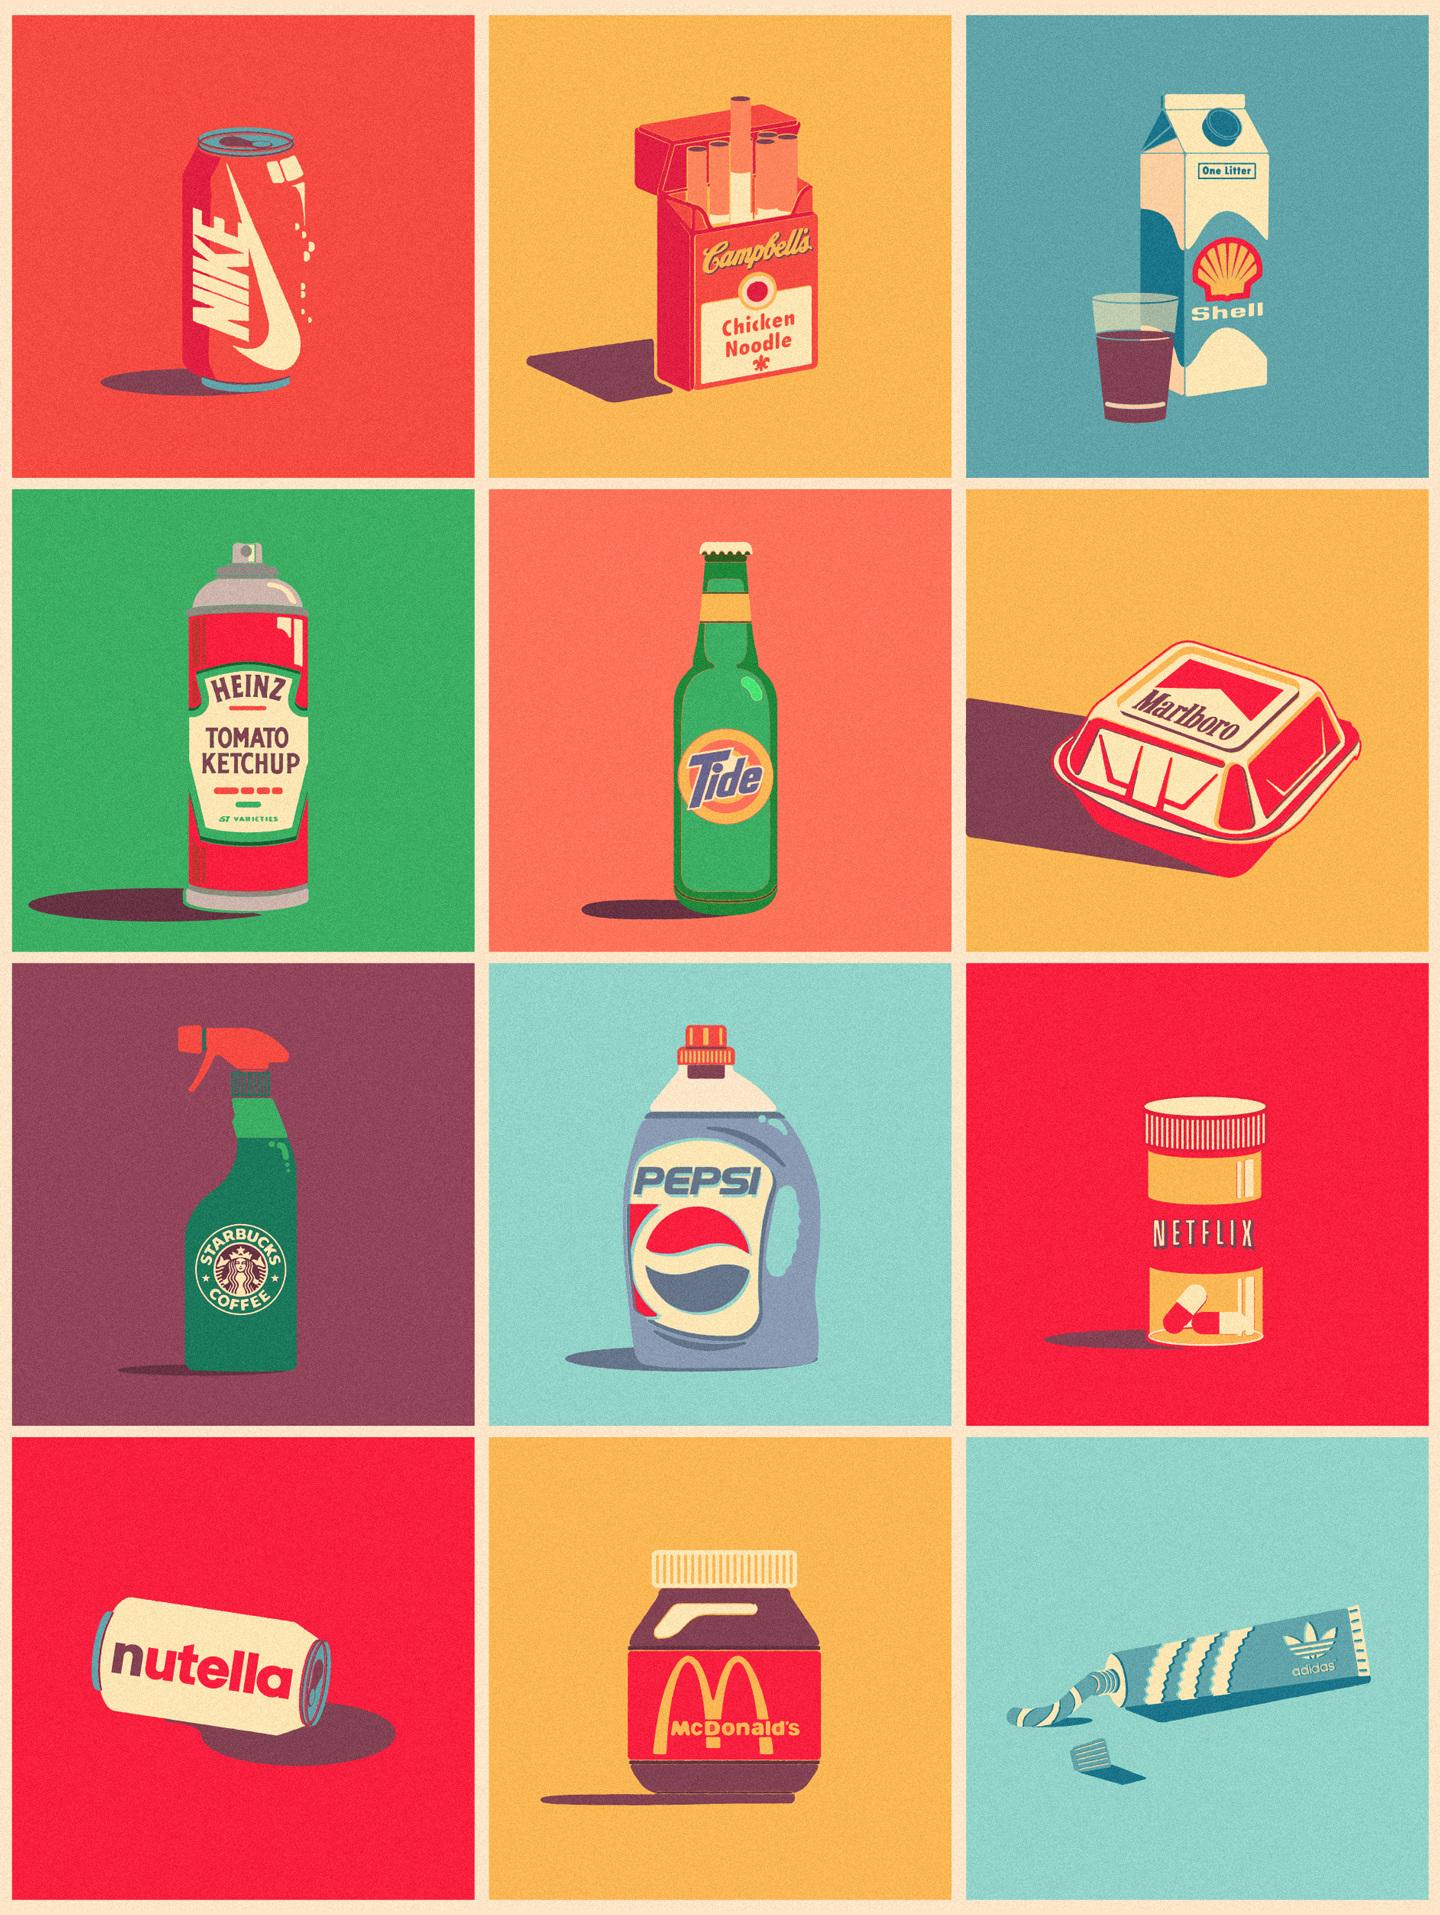 designer mistura marcas | Brand Mix